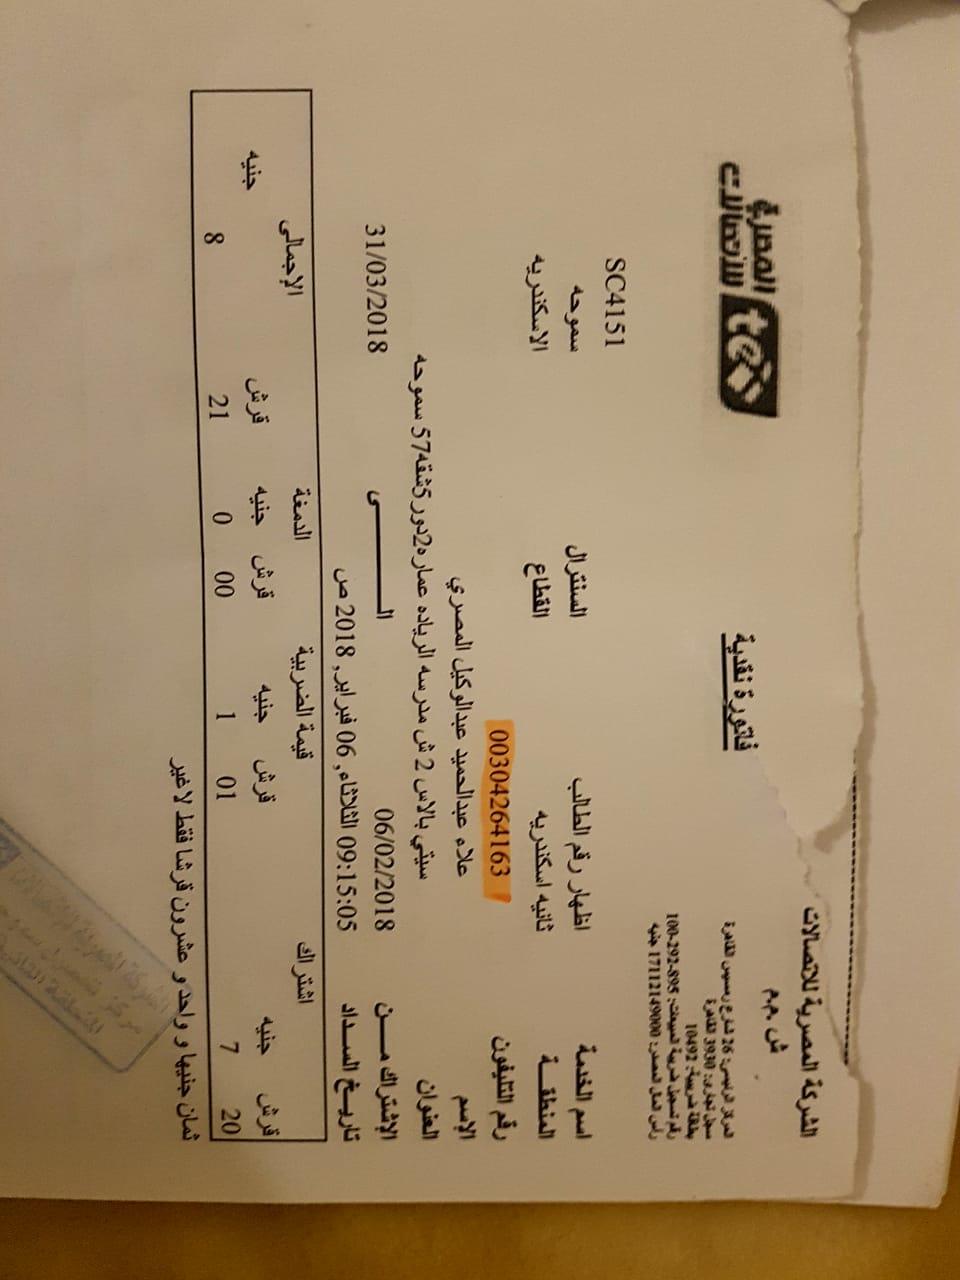 أزمة مشروع سيتي بالاس بالإسكندرية (7)